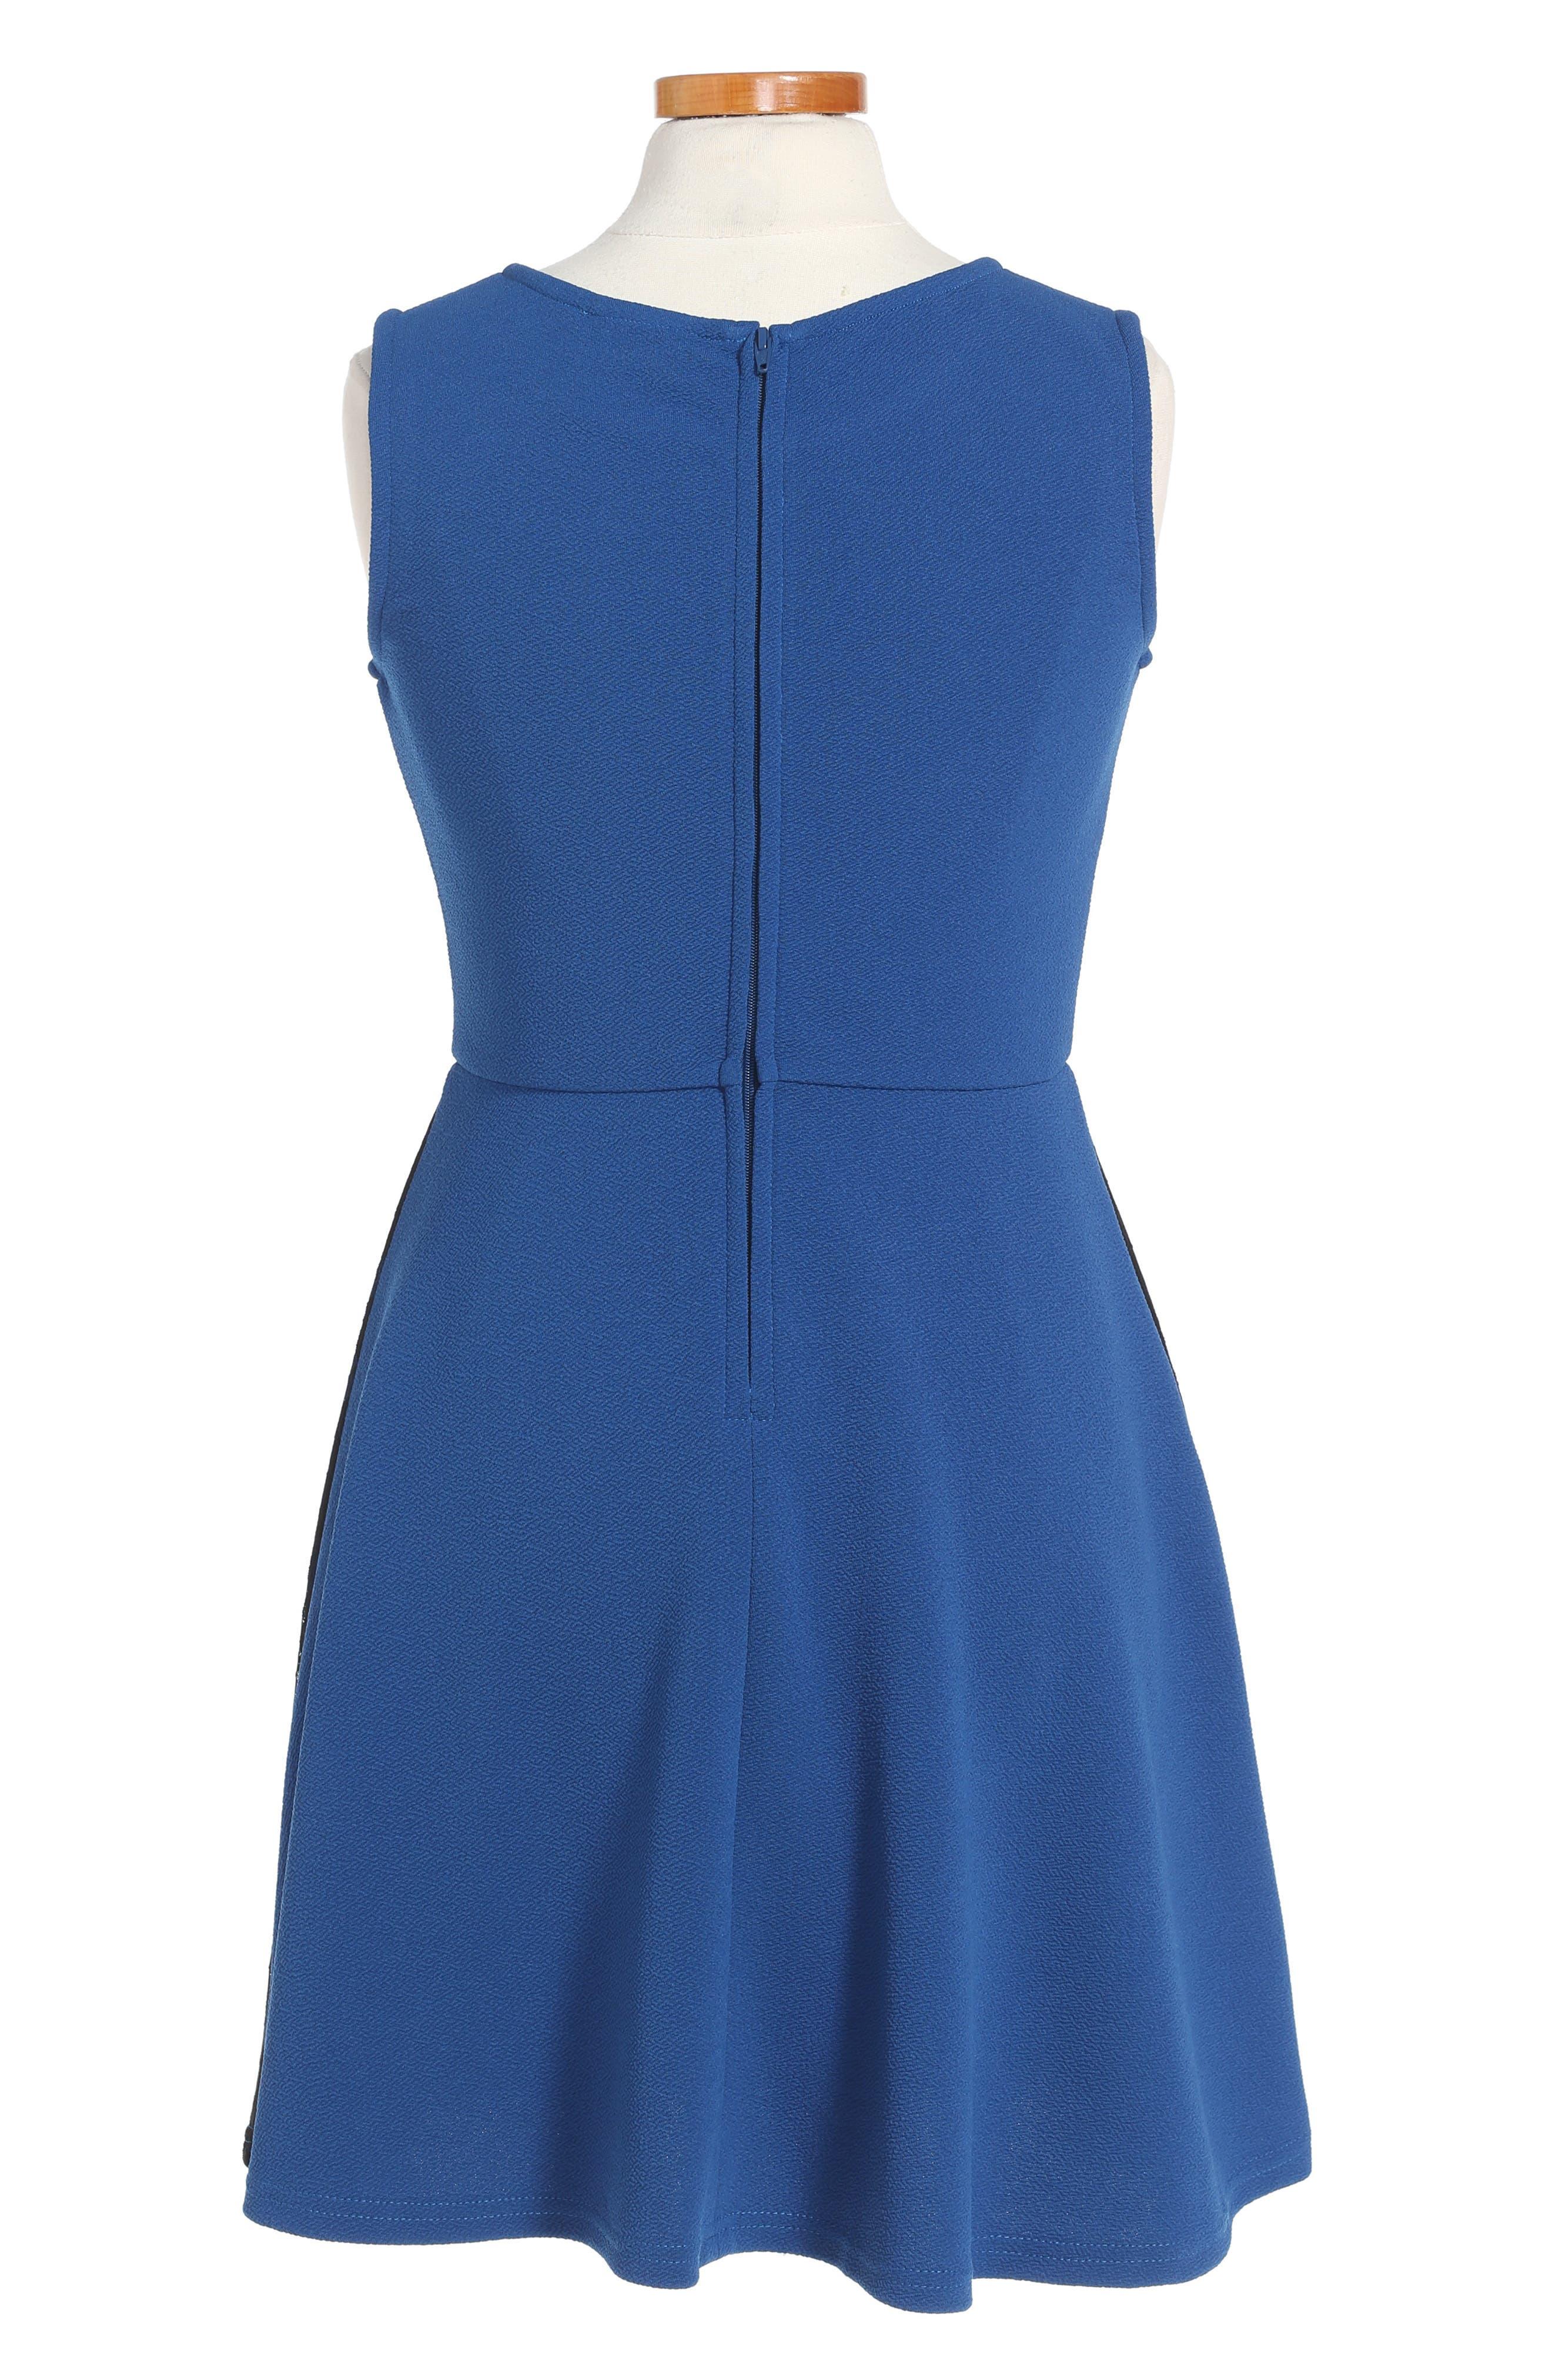 Lace Trim Piqué Dress,                             Alternate thumbnail 2, color,                             406